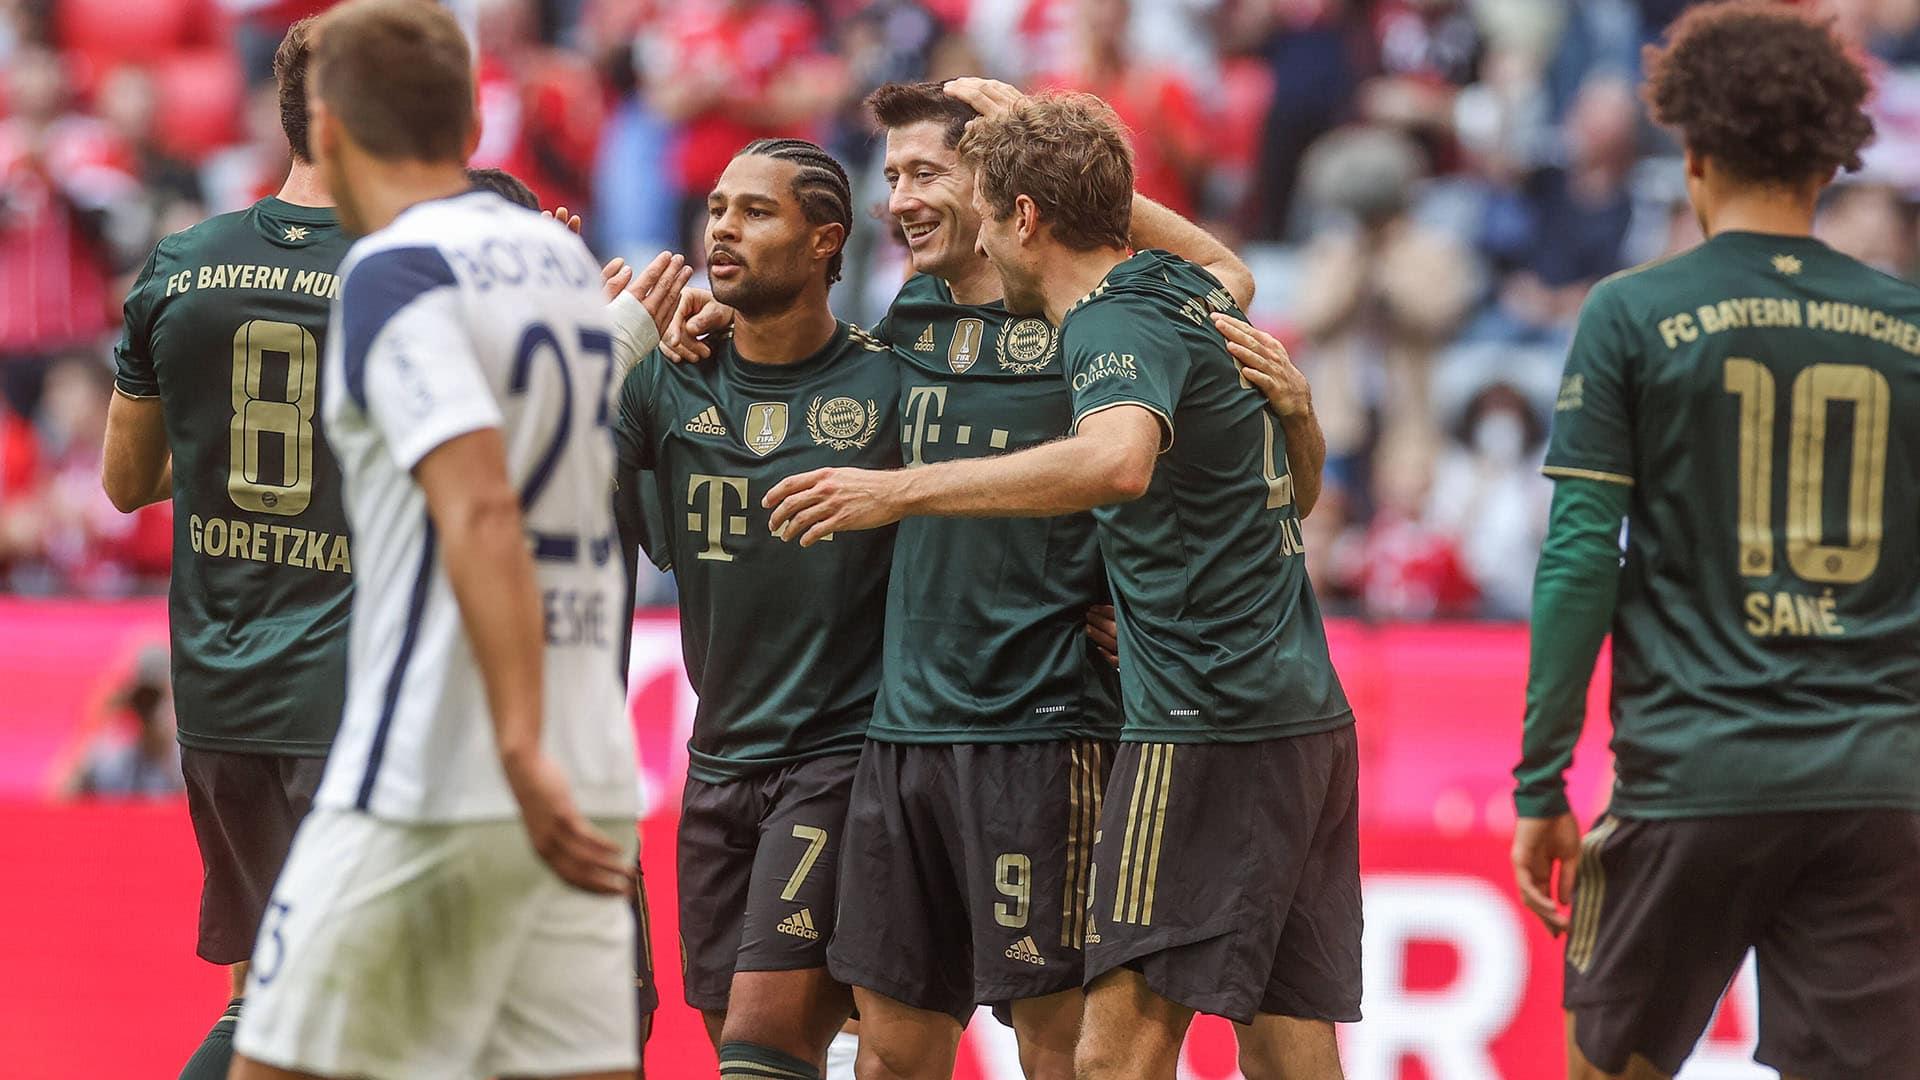 بايرن ميونيخ يقسو على بوخوم في الدوري الألماني بهزيمة مذلة (شاهد)